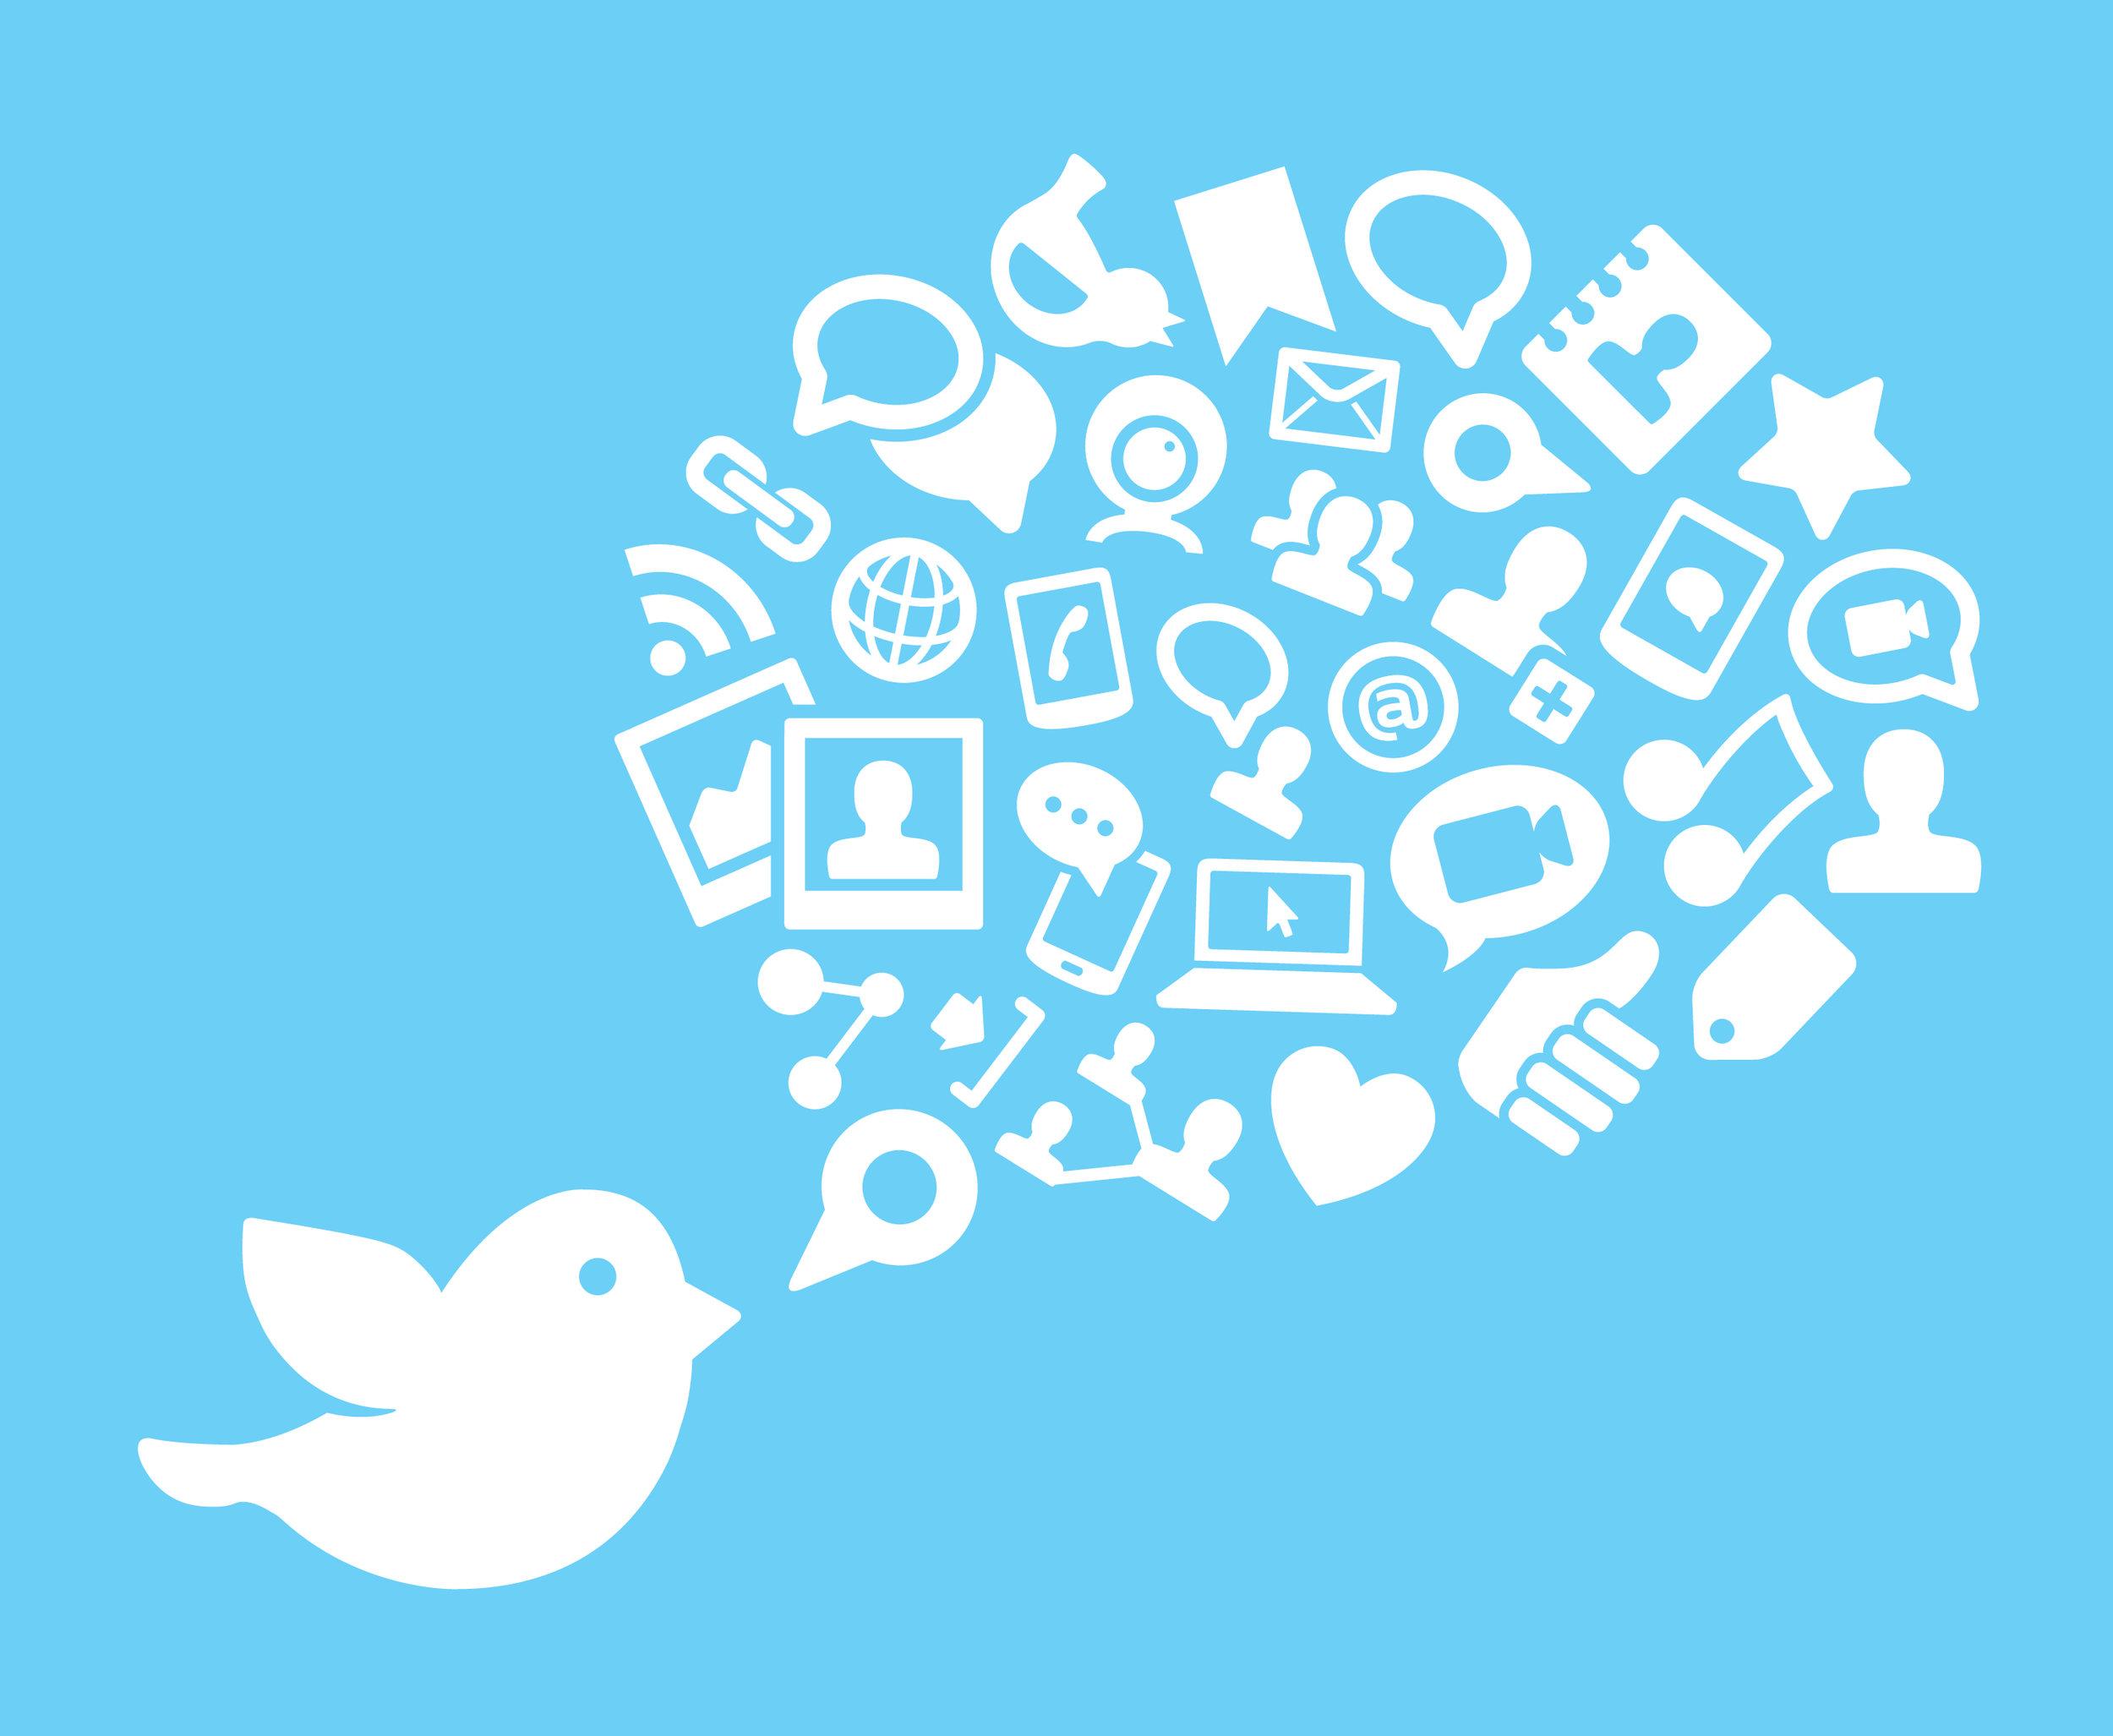 Mobile-Twitter-Wallpapers.jpg